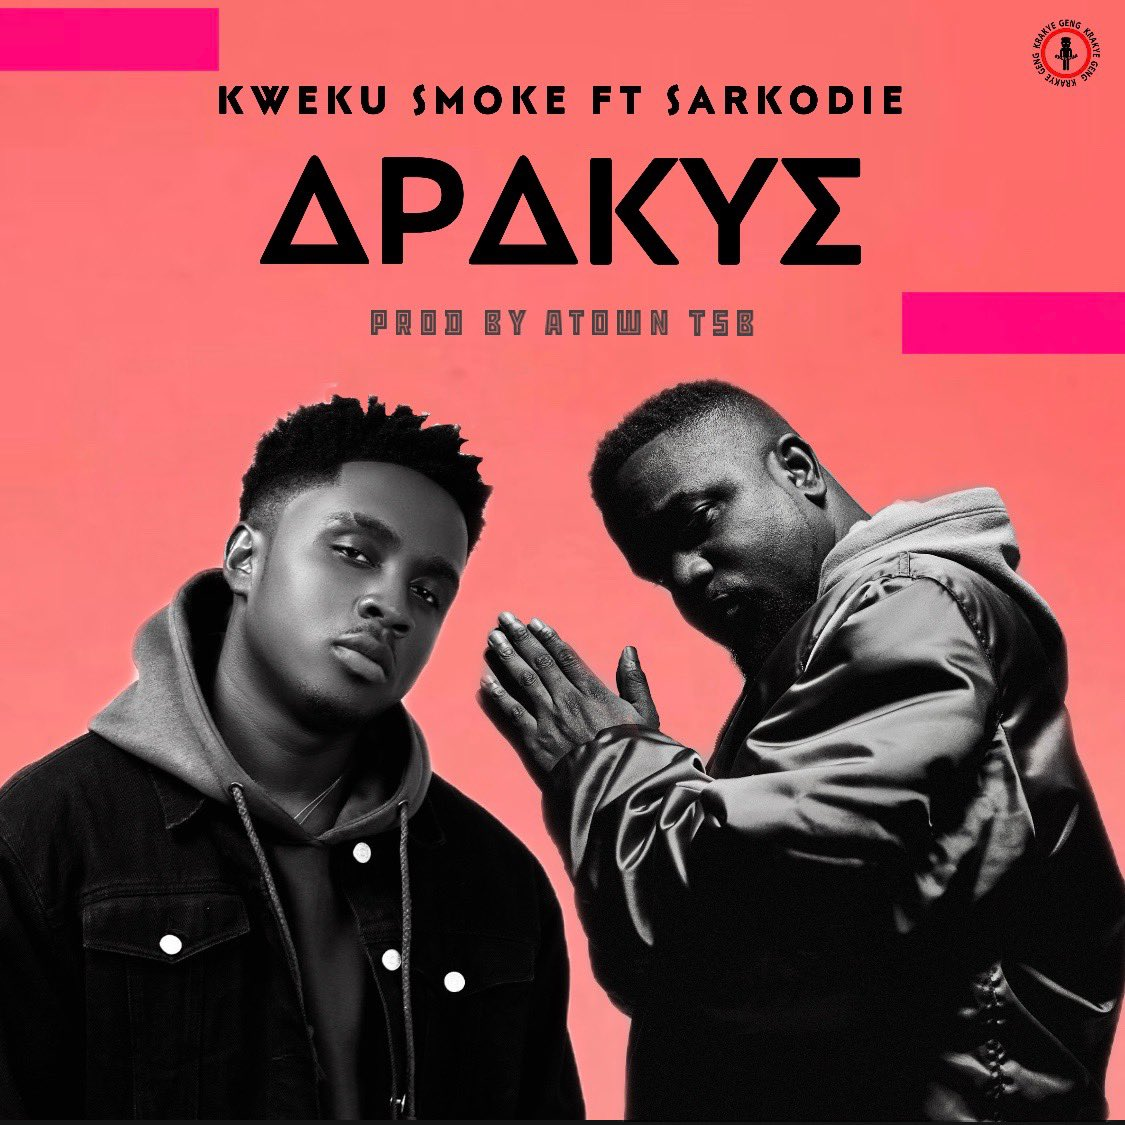 Kweku Smoke - Apakye (feat. Sarkodie)